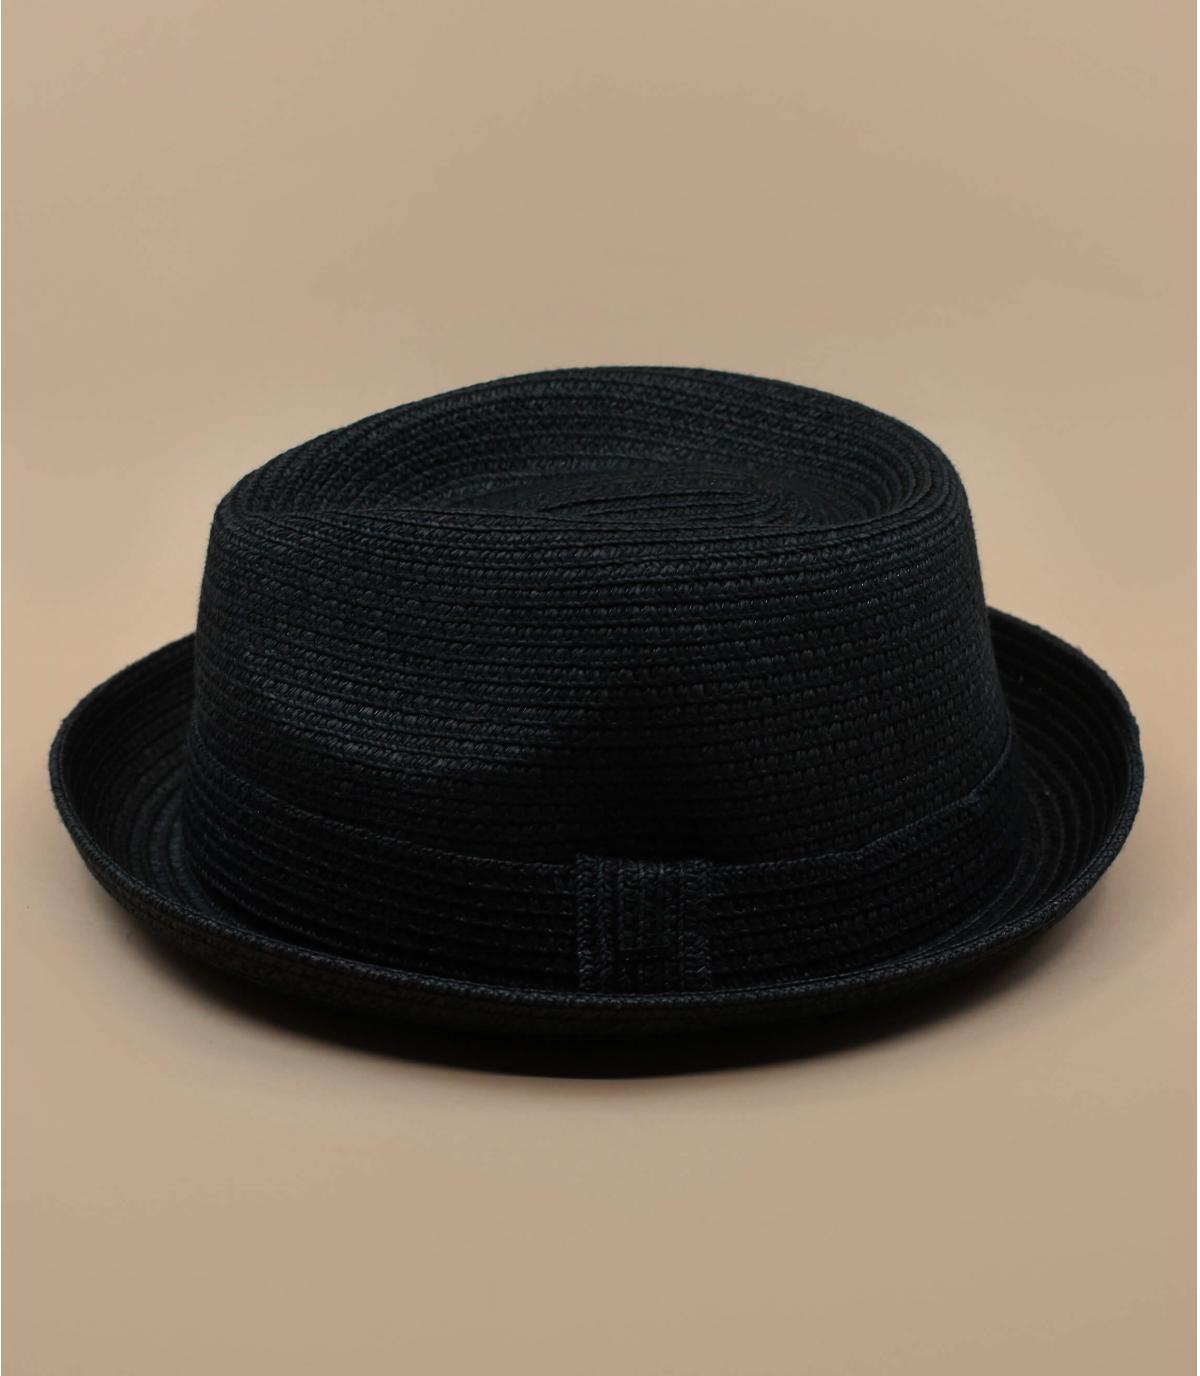 Bailey trilby straw hat